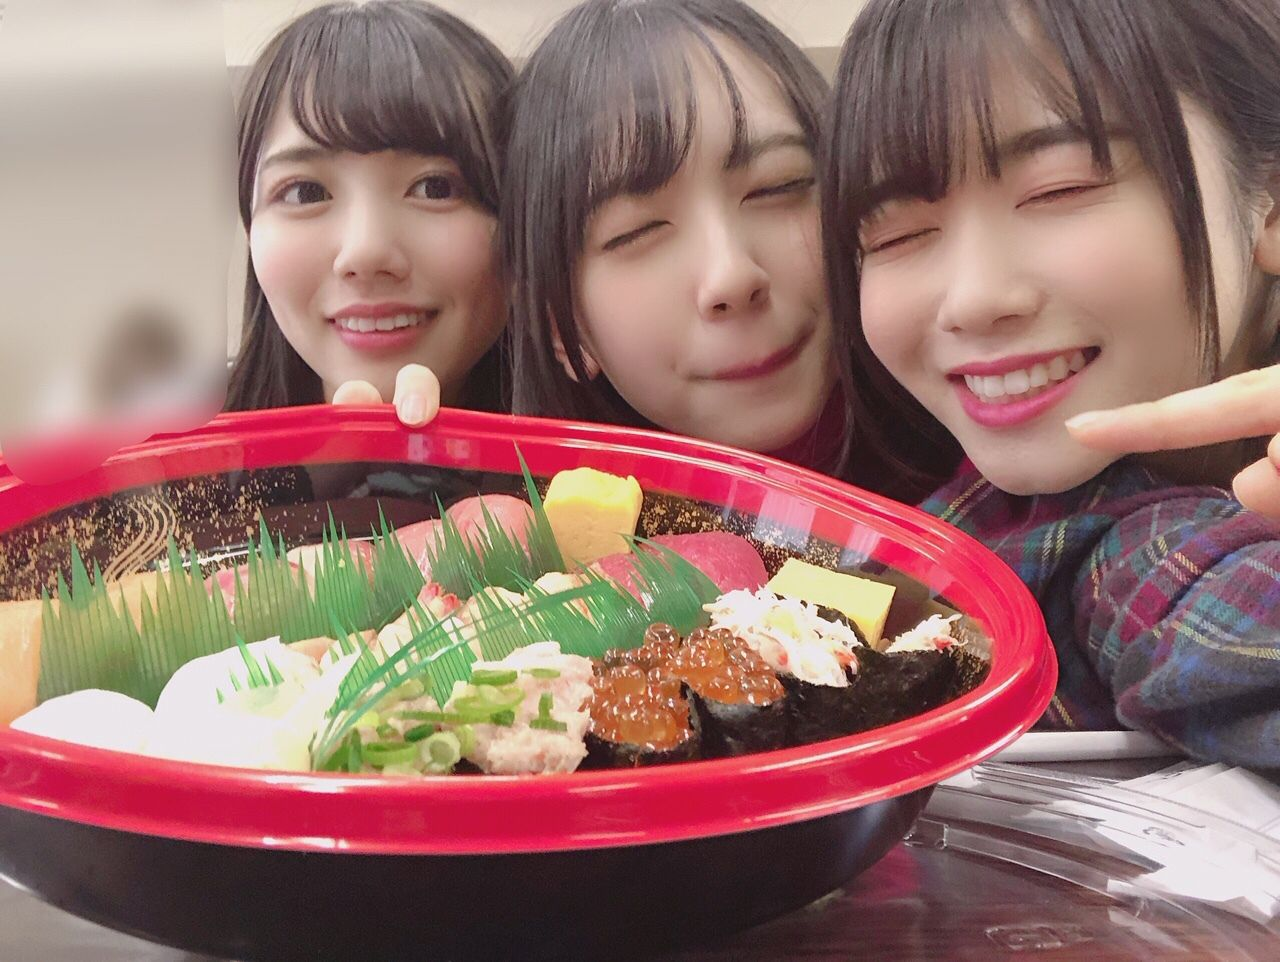 金村美玖 お寿司 好きなネタ